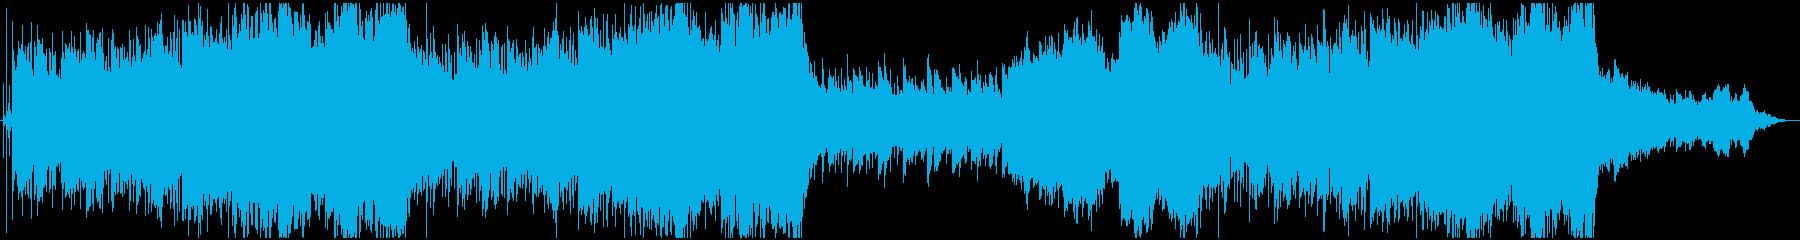 ゆったりとしたエキゾチックな曲です。の再生済みの波形